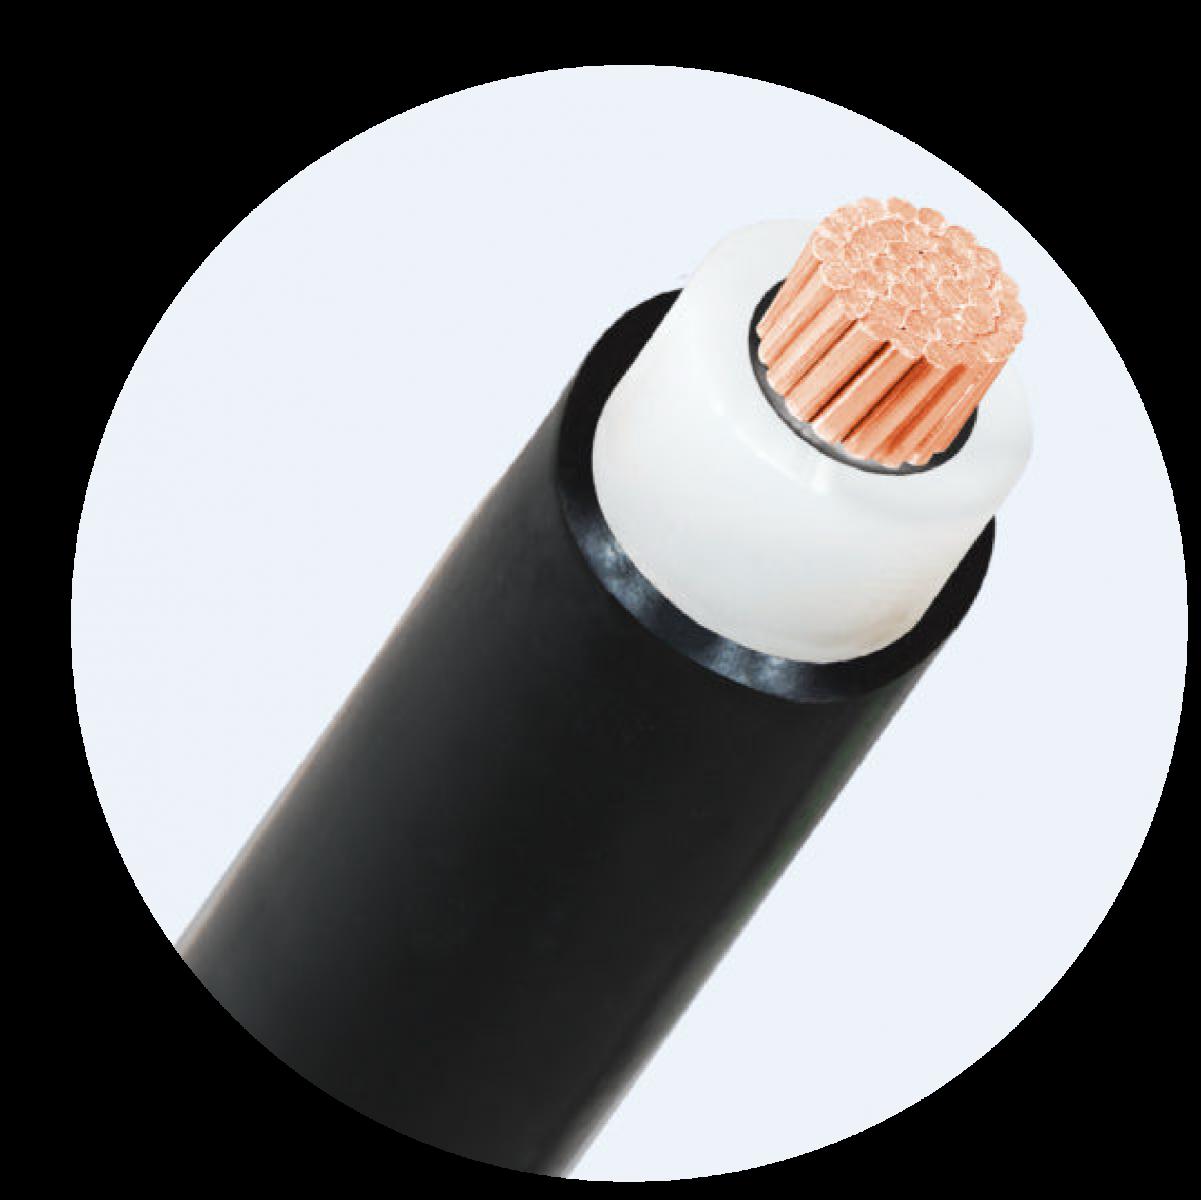 Medium voltage cable CXHS